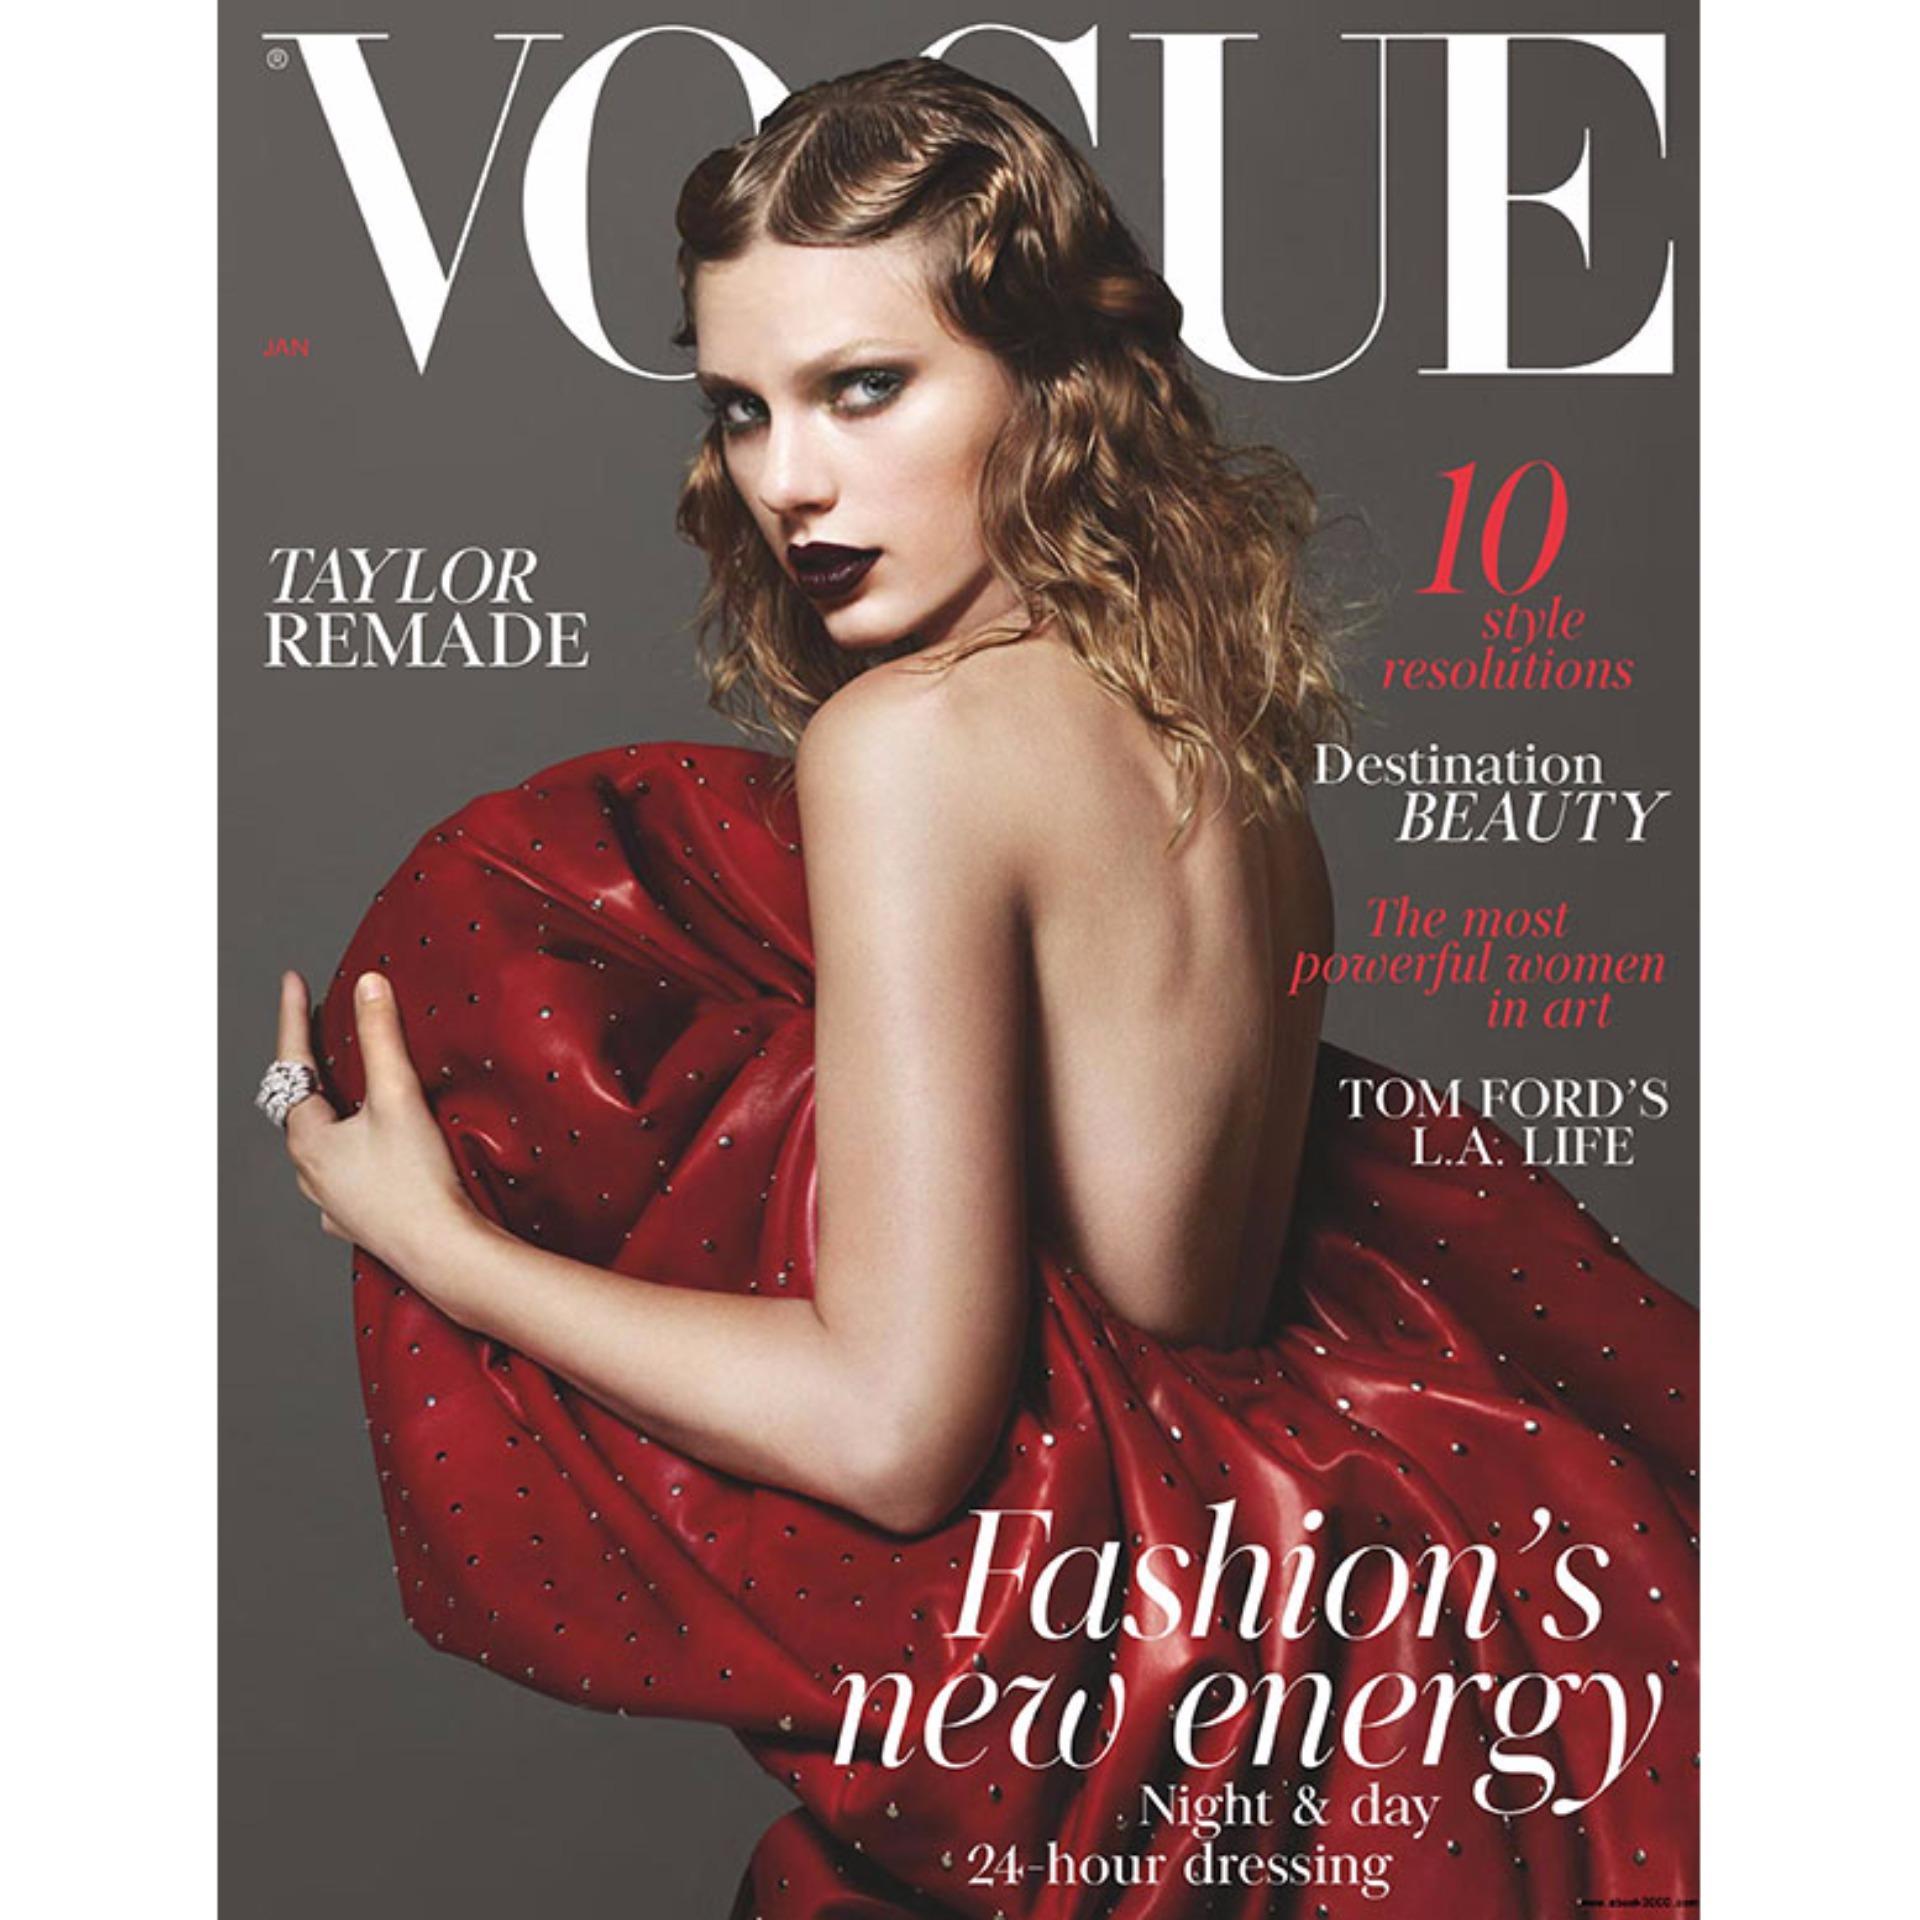 Tạp chí Vogue (British) - January 2018